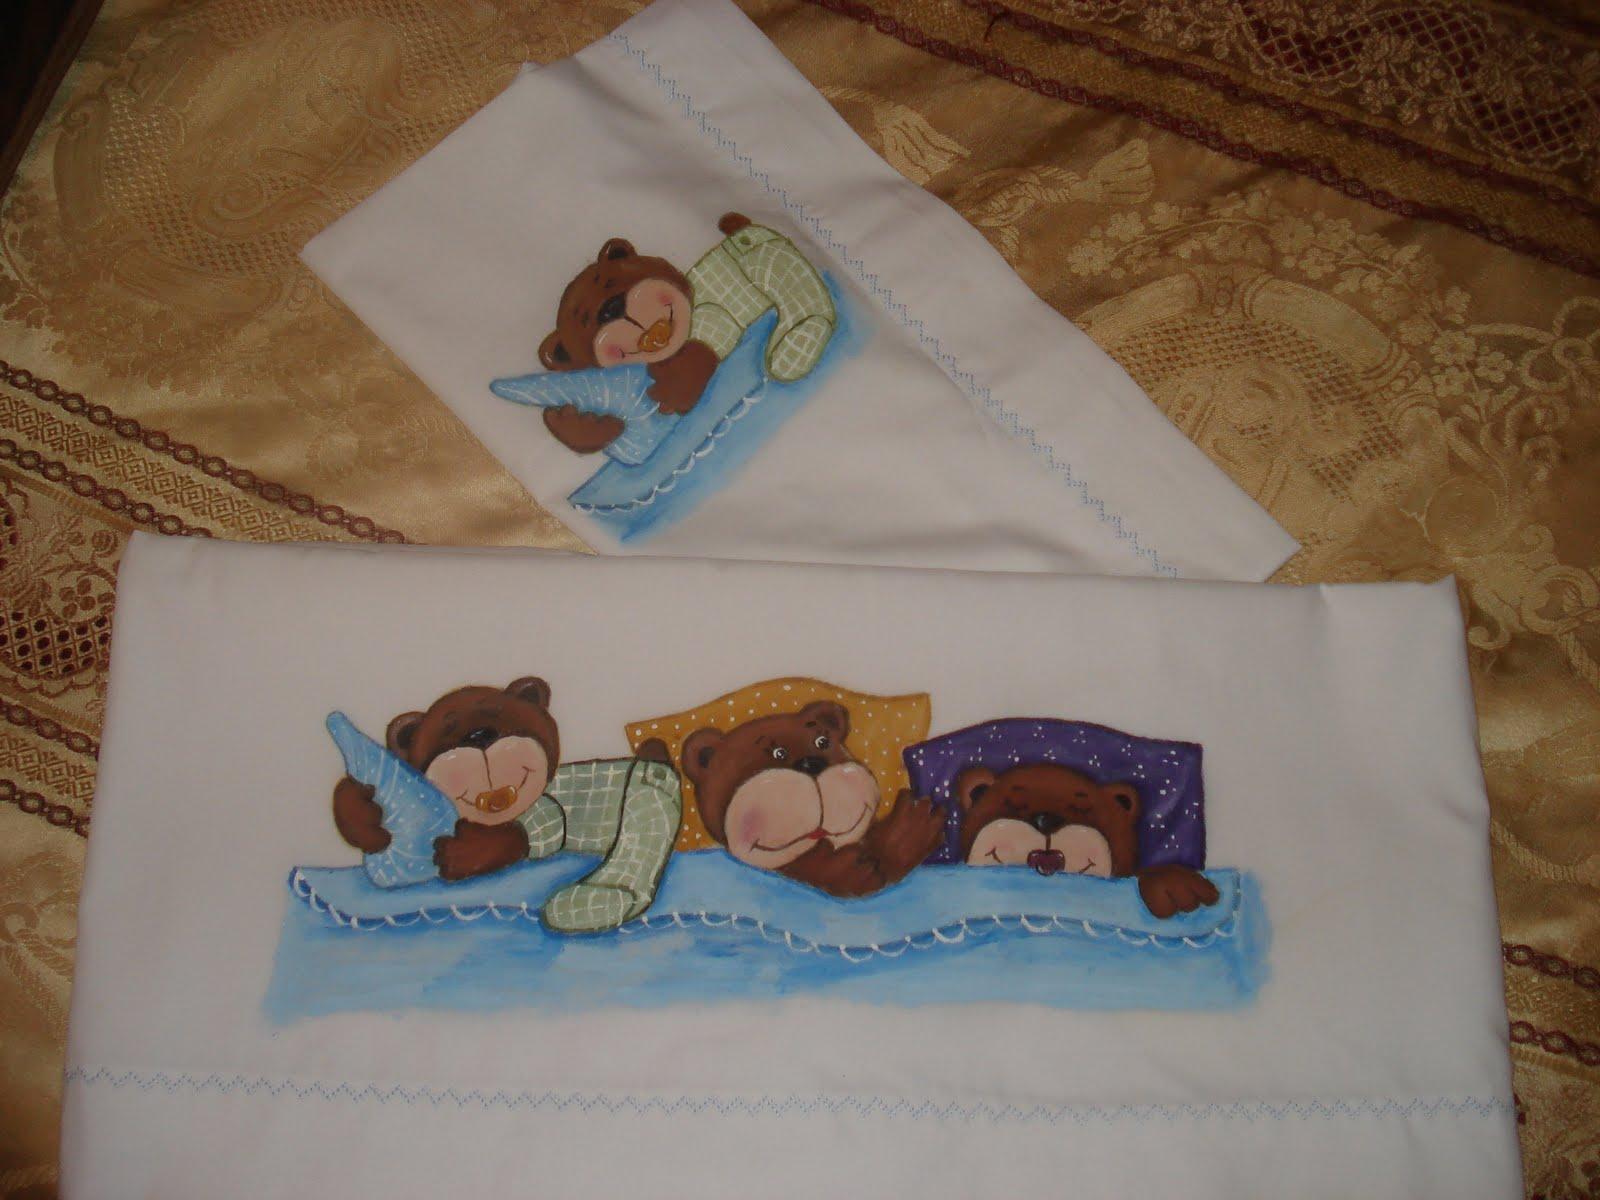 Patrones para pintar tiernos juegos de baño - Imagui